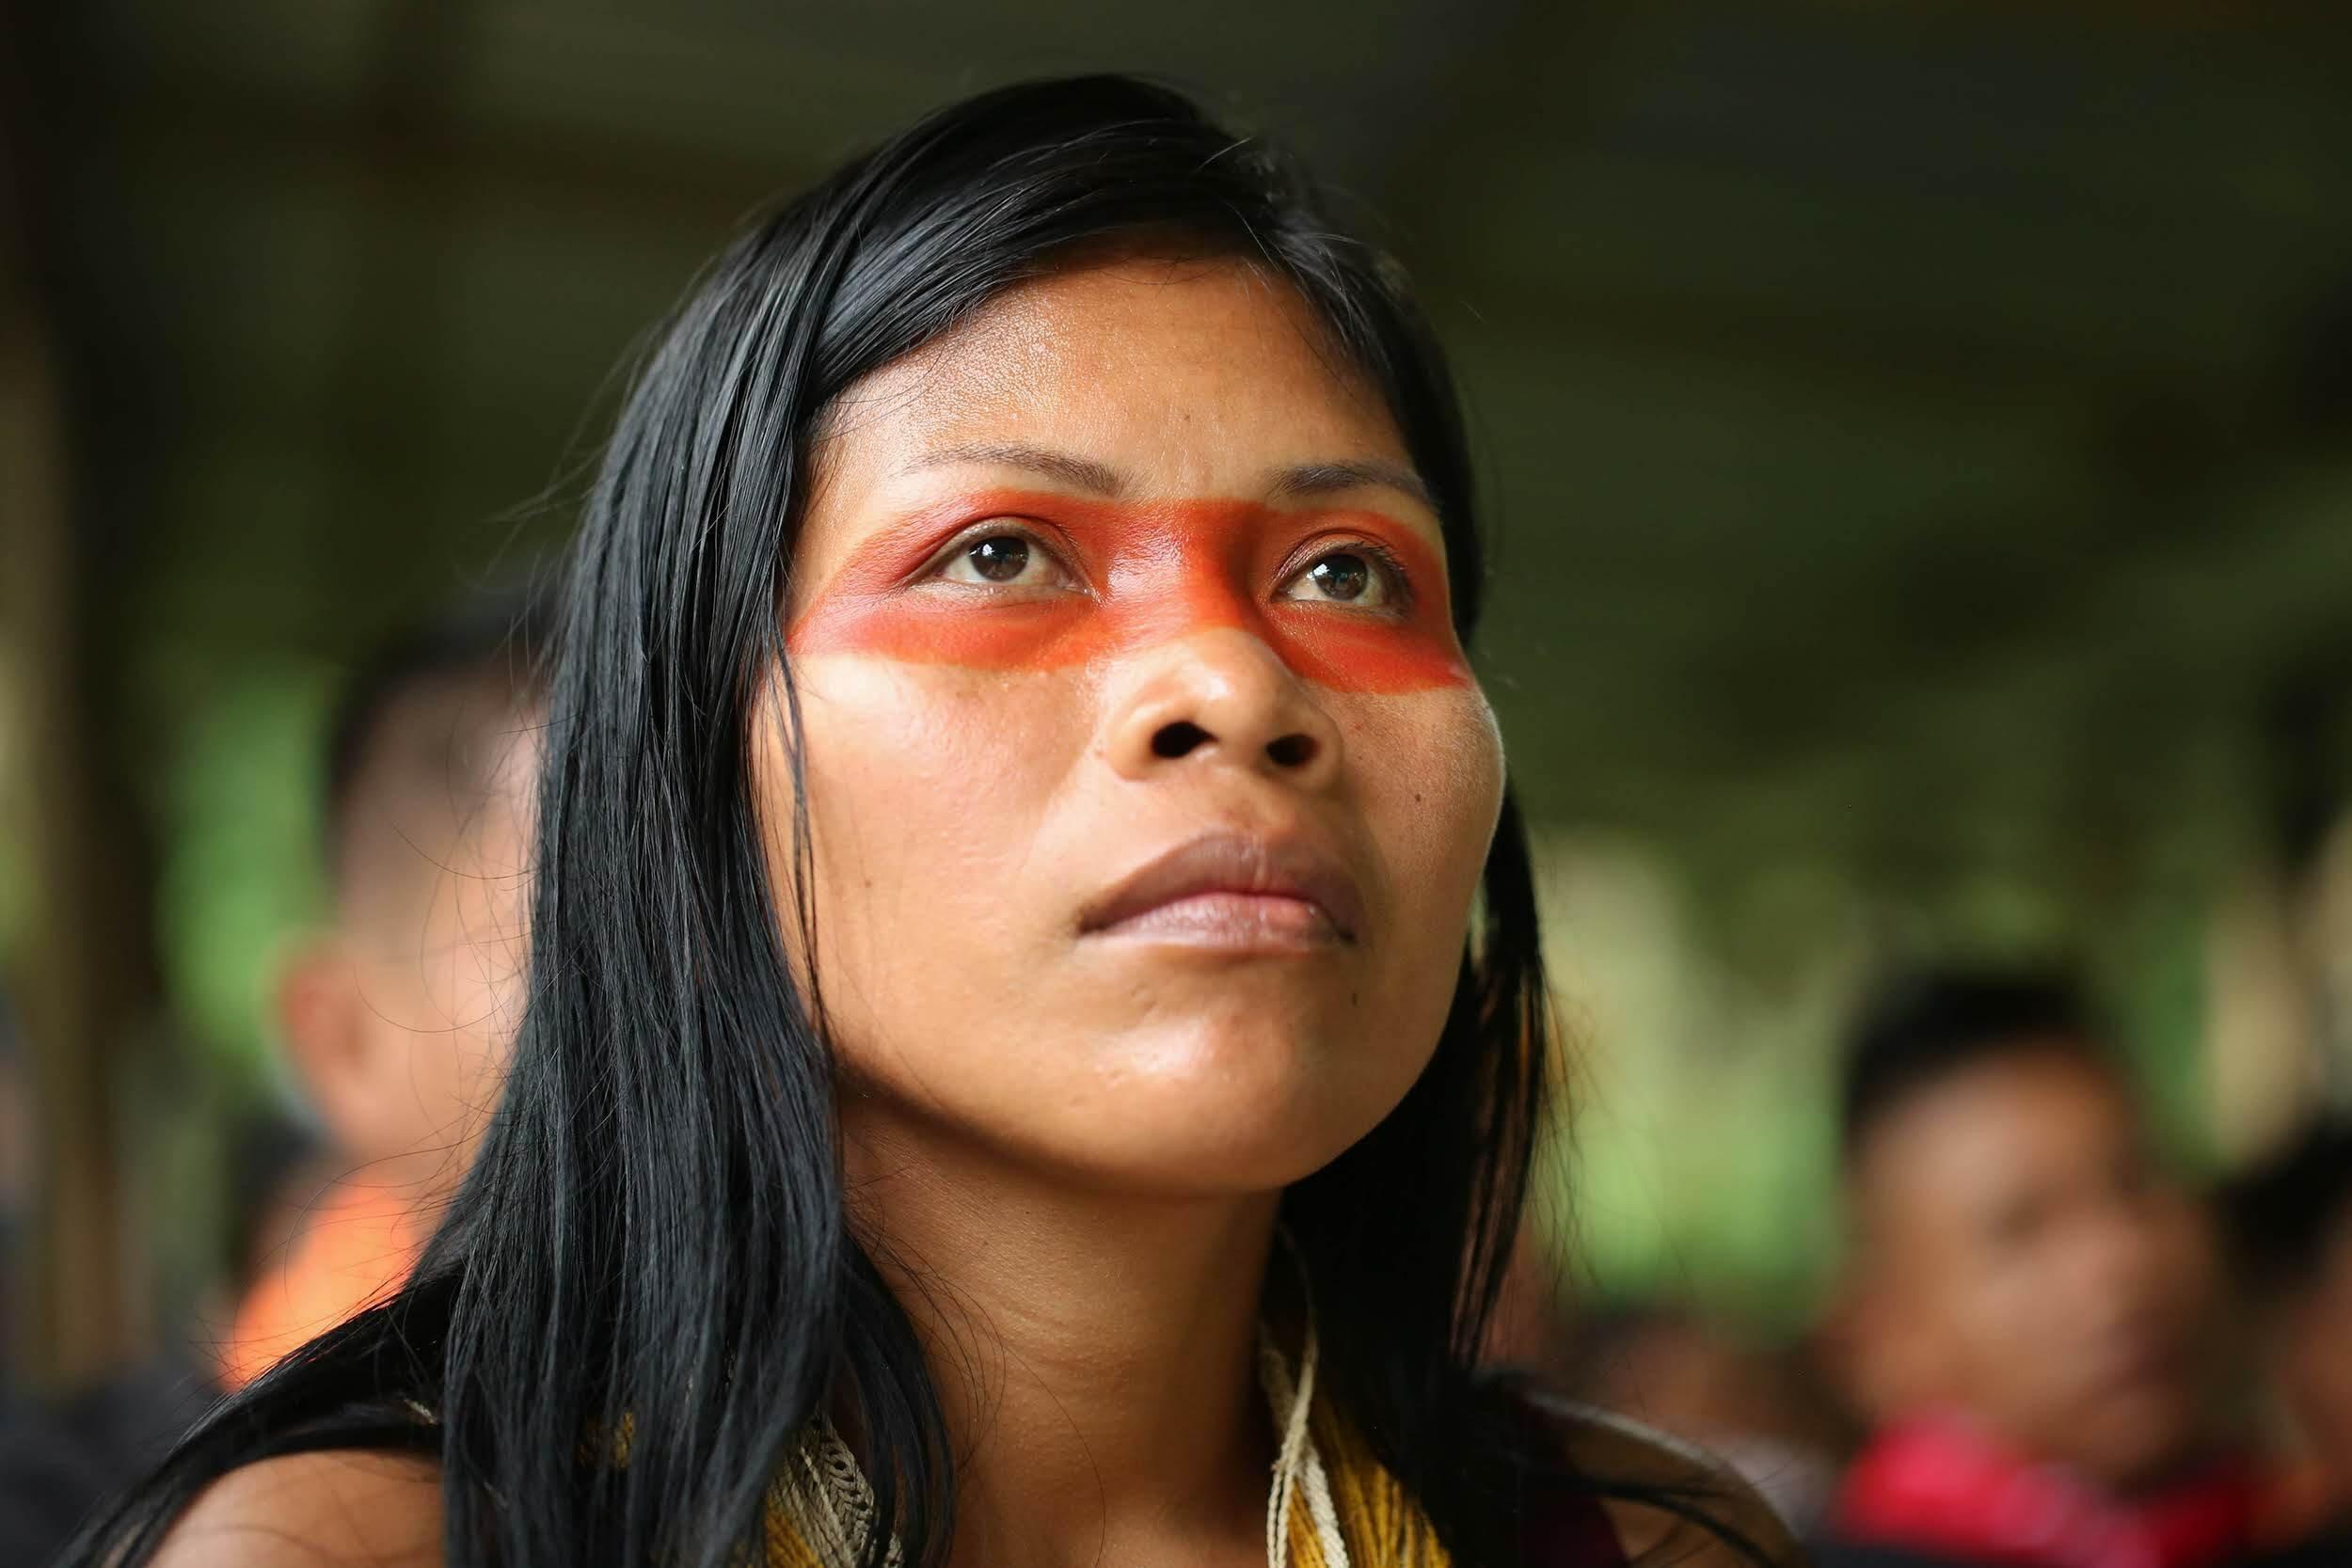 Das Gesicht der indigenen Umweltschützerin Nemonte Nenquimo ist um die Augen herum mit der roten Farbe der Achiote-Pflanze bemalt.